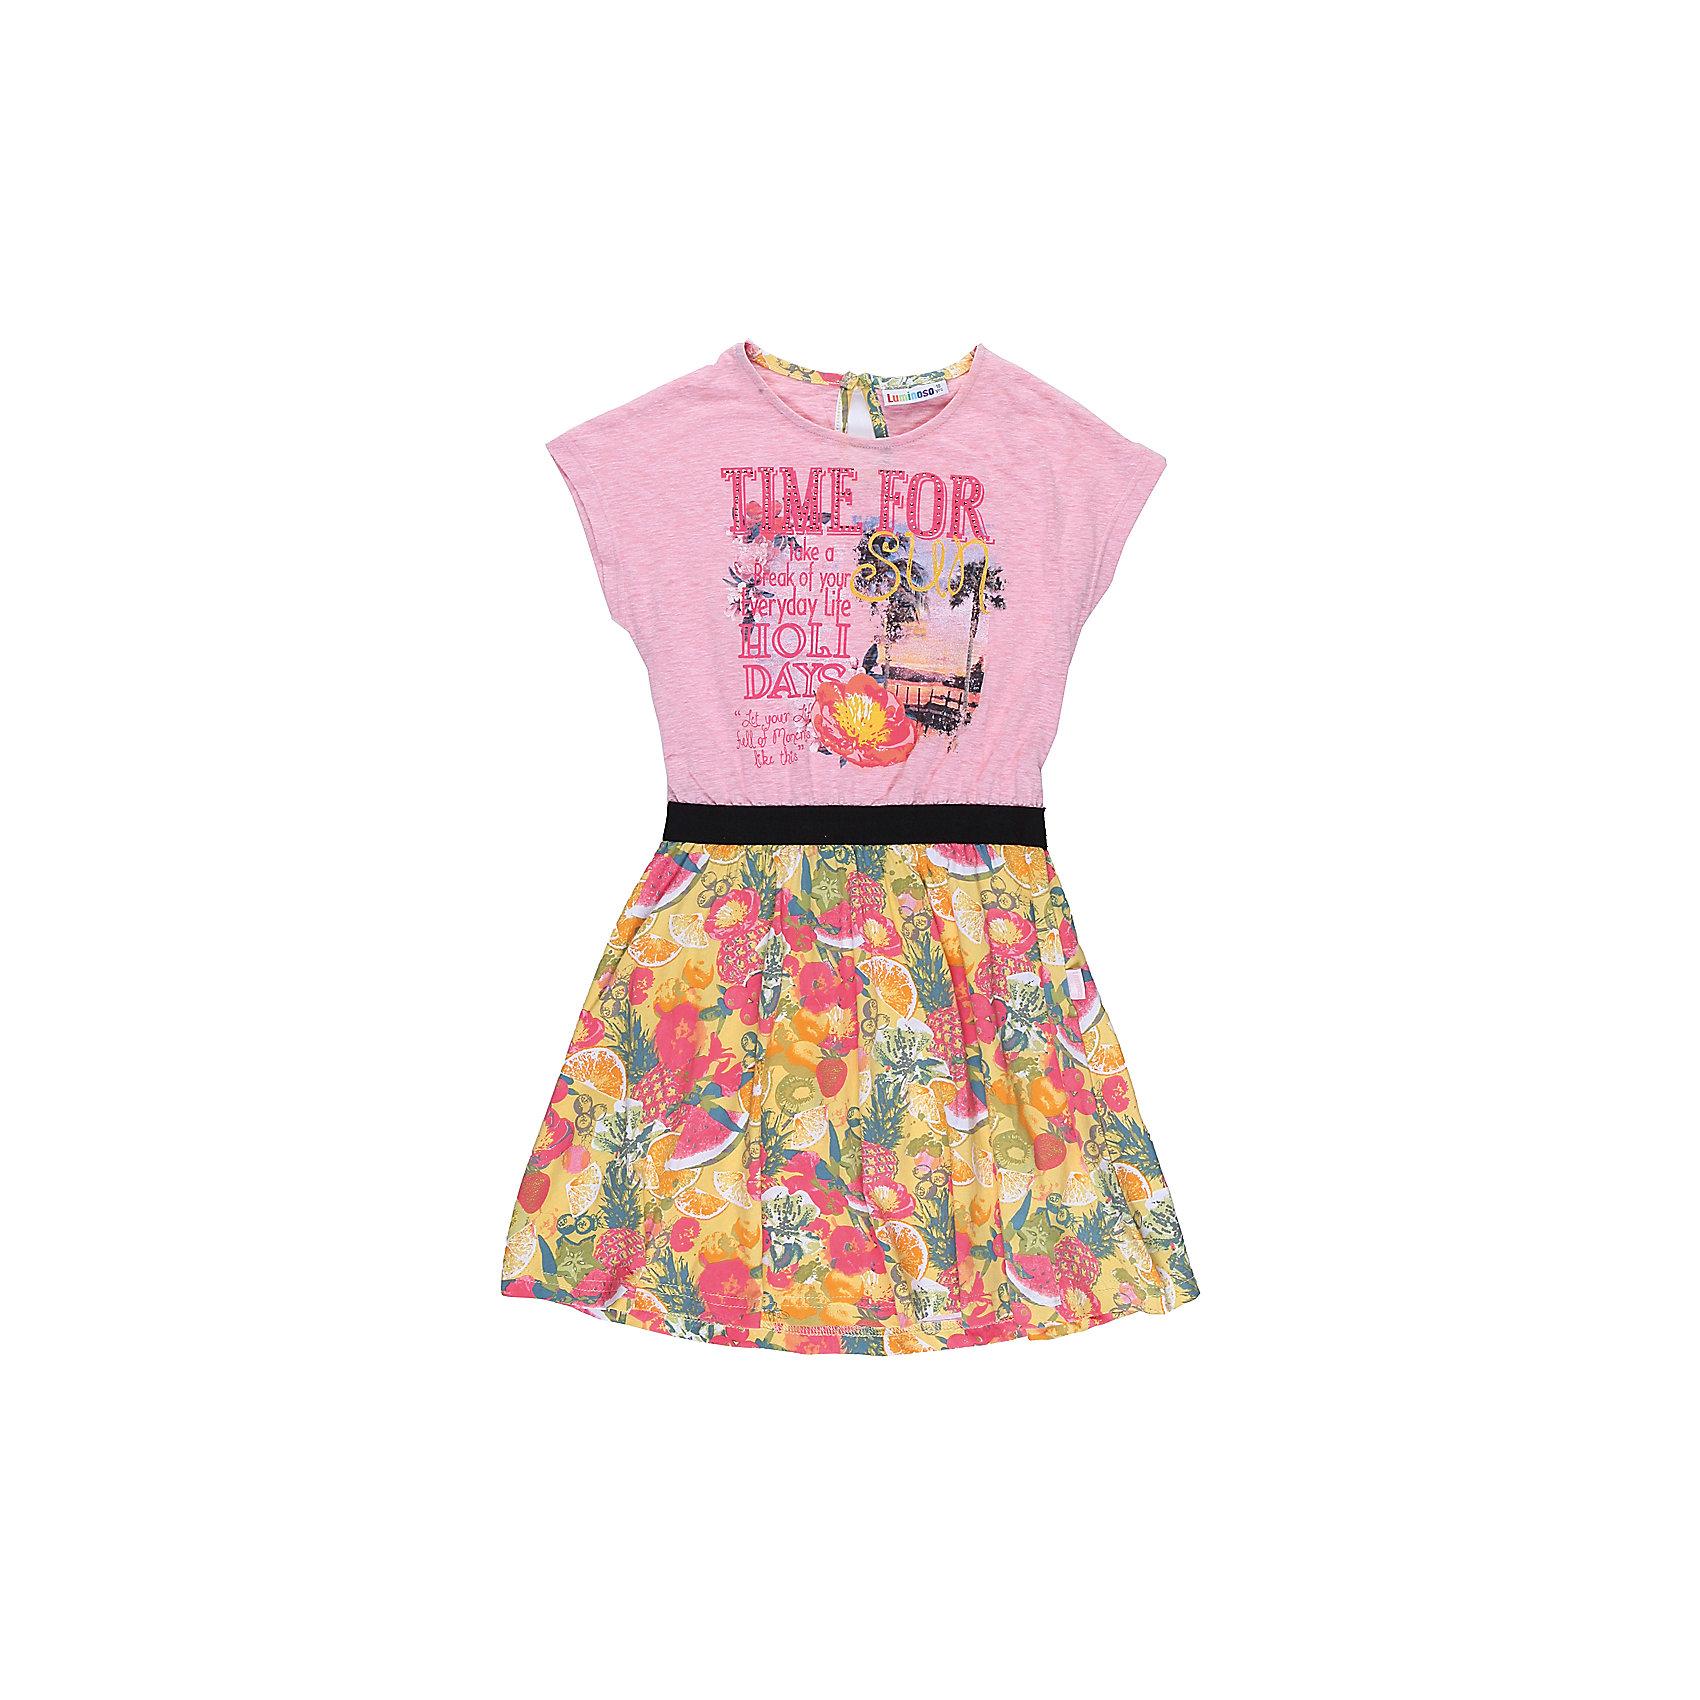 Платье для девочки LuminosoПлатья и сарафаны<br>Трикотажное платье для девочки из комбинировванной ткани. Верх изделия декорирован оригинальной аппликацией, талия подчеркнута контрасттной тканью, низ изделия выполнен из яркой принтованной ткани. Застегивается на пуговку на спинкке. Приталенный крой.<br>Состав:<br>95%хлопок 5%эластан<br><br>Ширина мм: 236<br>Глубина мм: 16<br>Высота мм: 184<br>Вес г: 177<br>Цвет: белый<br>Возраст от месяцев: 96<br>Возраст до месяцев: 108<br>Пол: Женский<br>Возраст: Детский<br>Размер: 134,140,146,152,158,164<br>SKU: 5413242